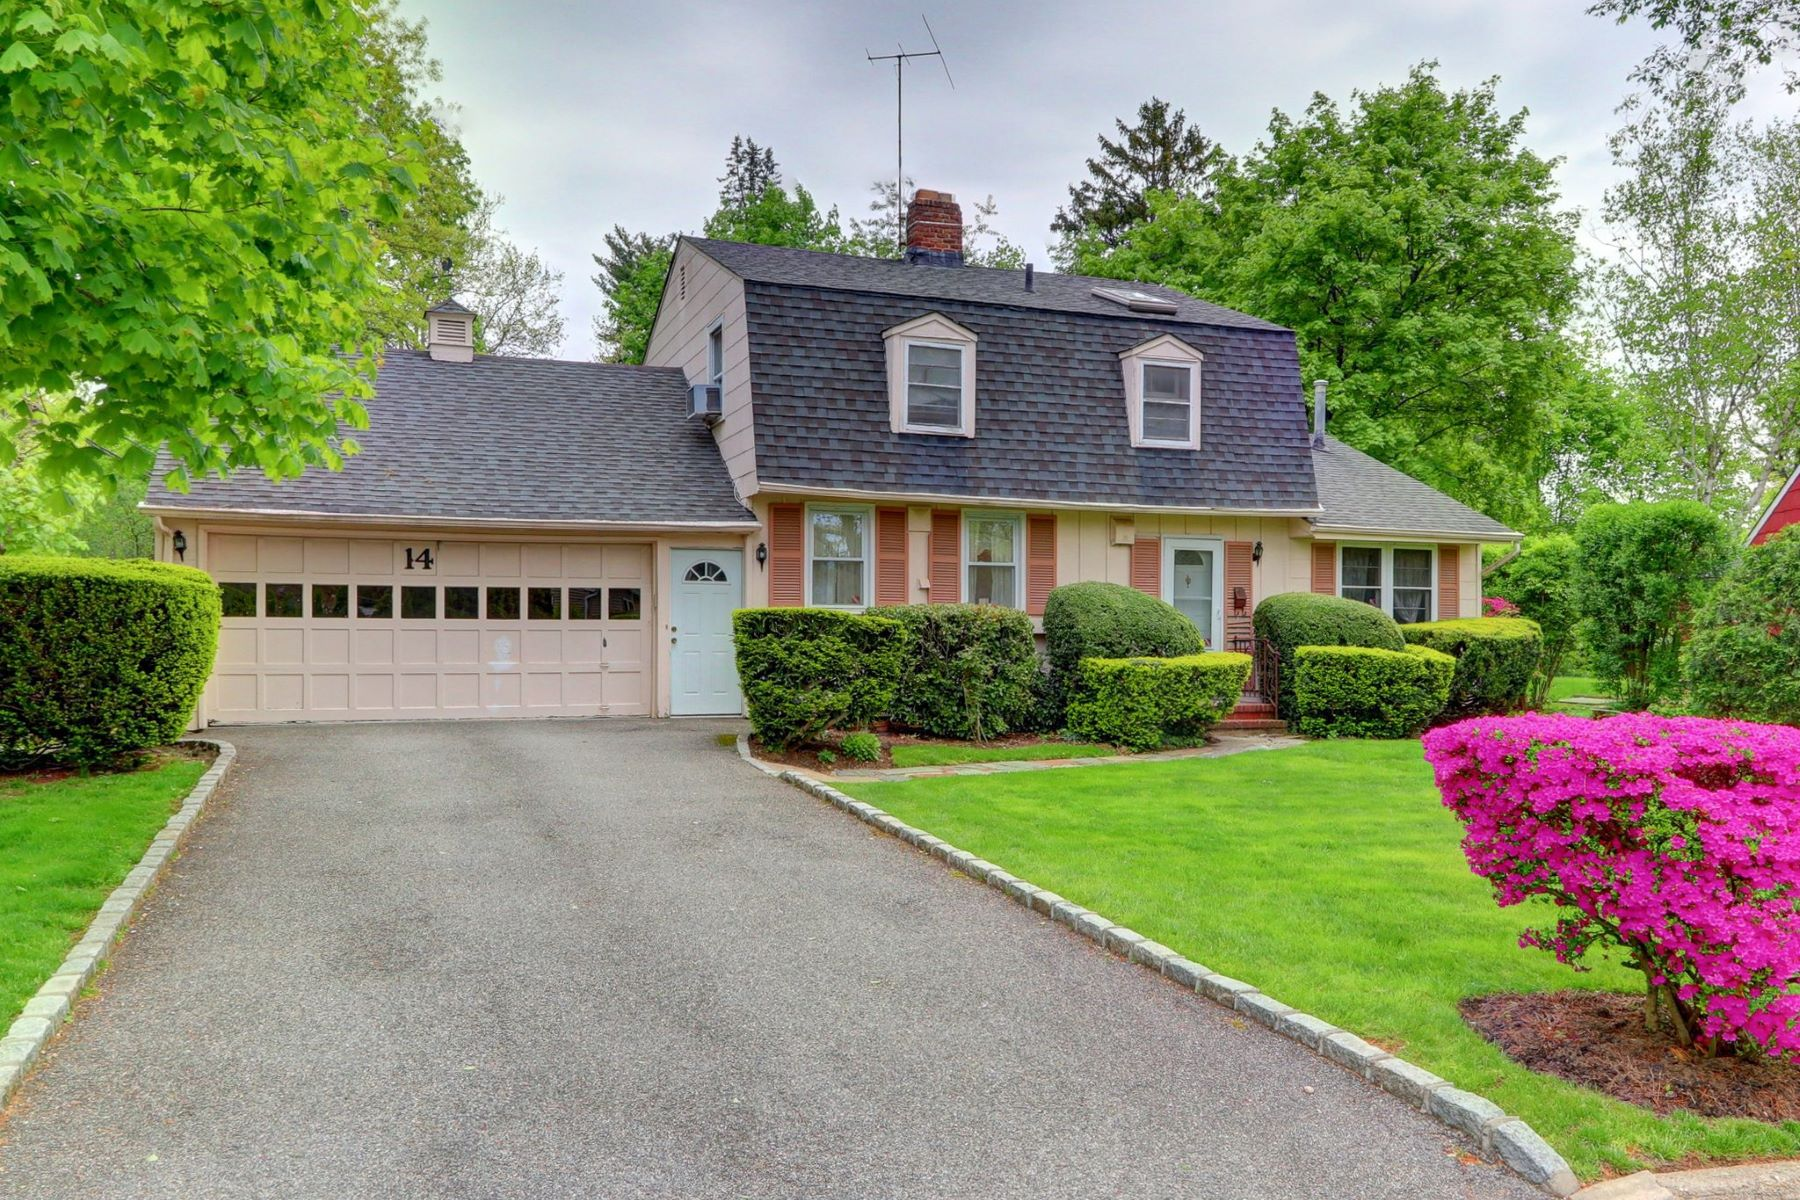 Single Family Homes för Försäljning vid Roslyn Heights 14 Pinetree Ln, Roslyn Heights, New York 11577 Förenta staterna